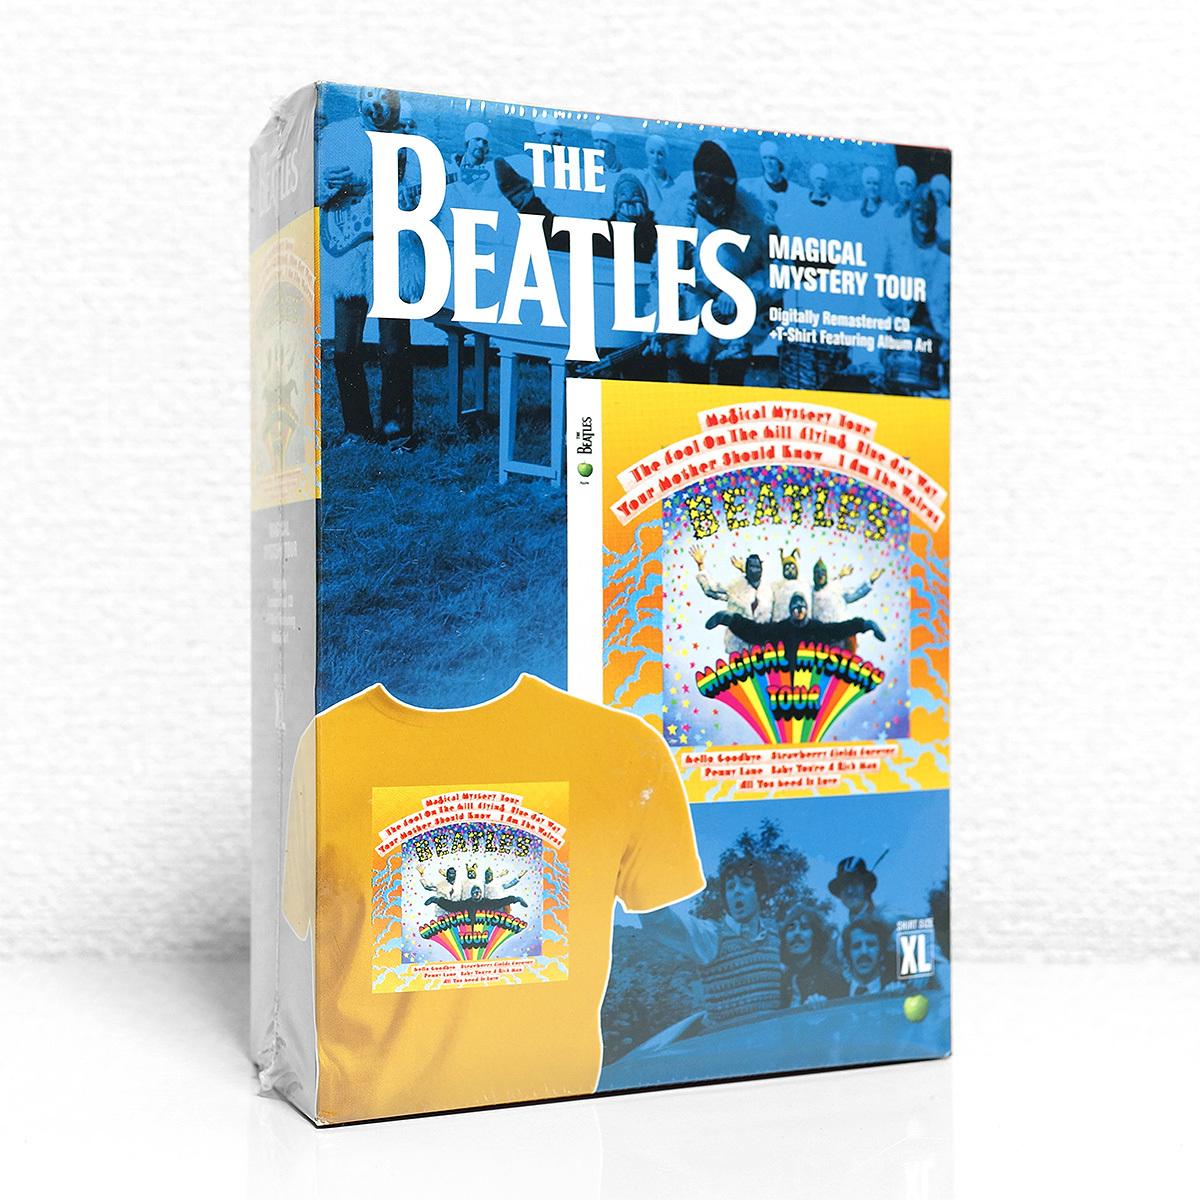 【新品未開封・正規輸入盤】ザ・ビートルズ T-SHIRT BOX『MAGICAL MYSTERY TOUR』 アルバムアートTシャツ付属